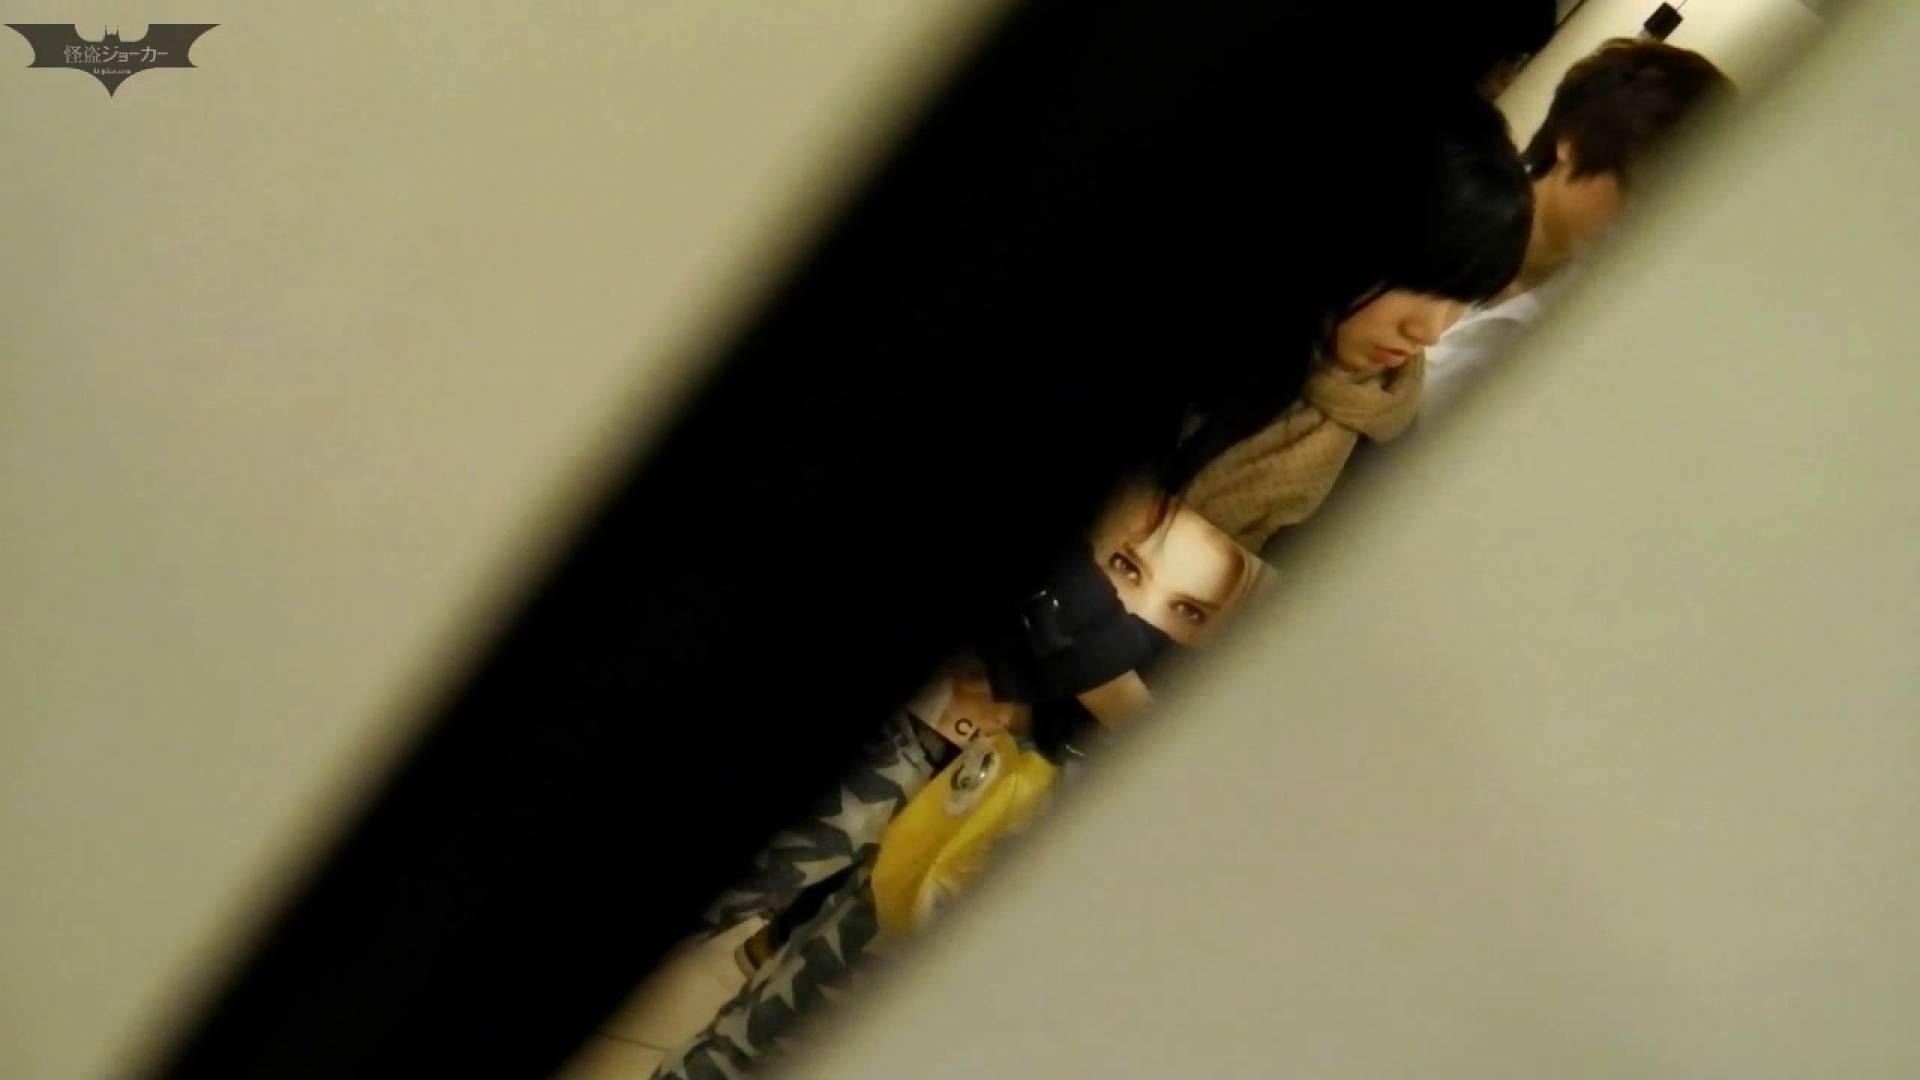 新世界の射窓 No61来ました!「ビジョビジョ」の美女達が・・・ 胸チラ・のぞき おまんこ無修正動画無料 104枚 63